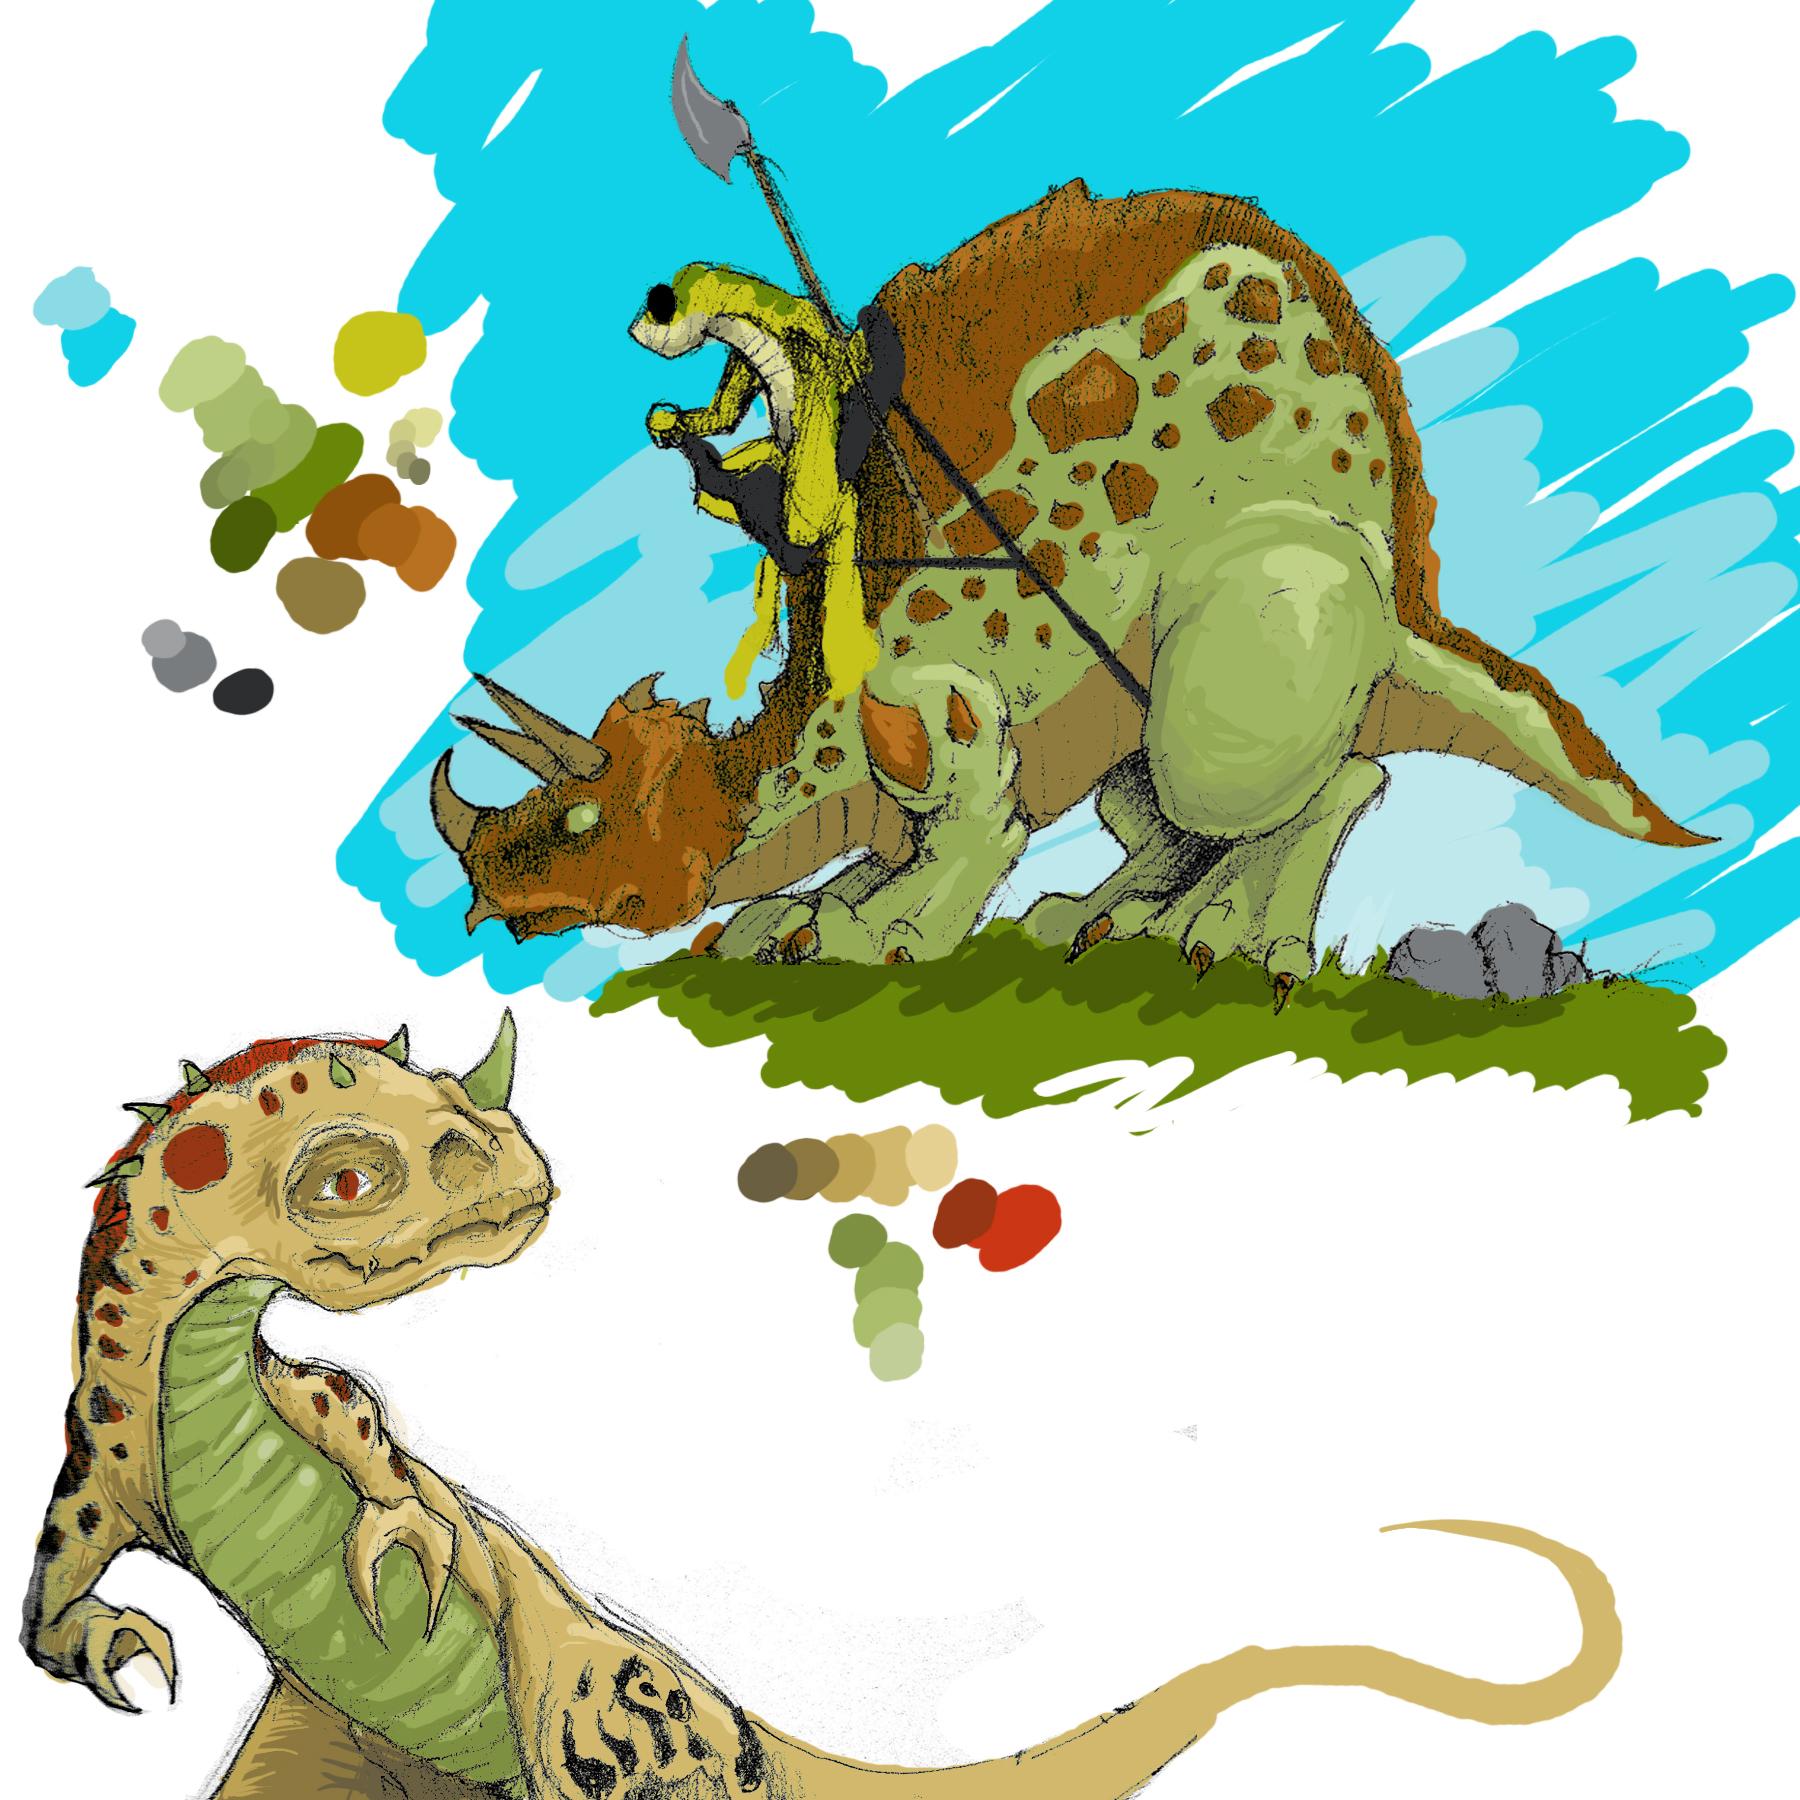 Some Dinos!